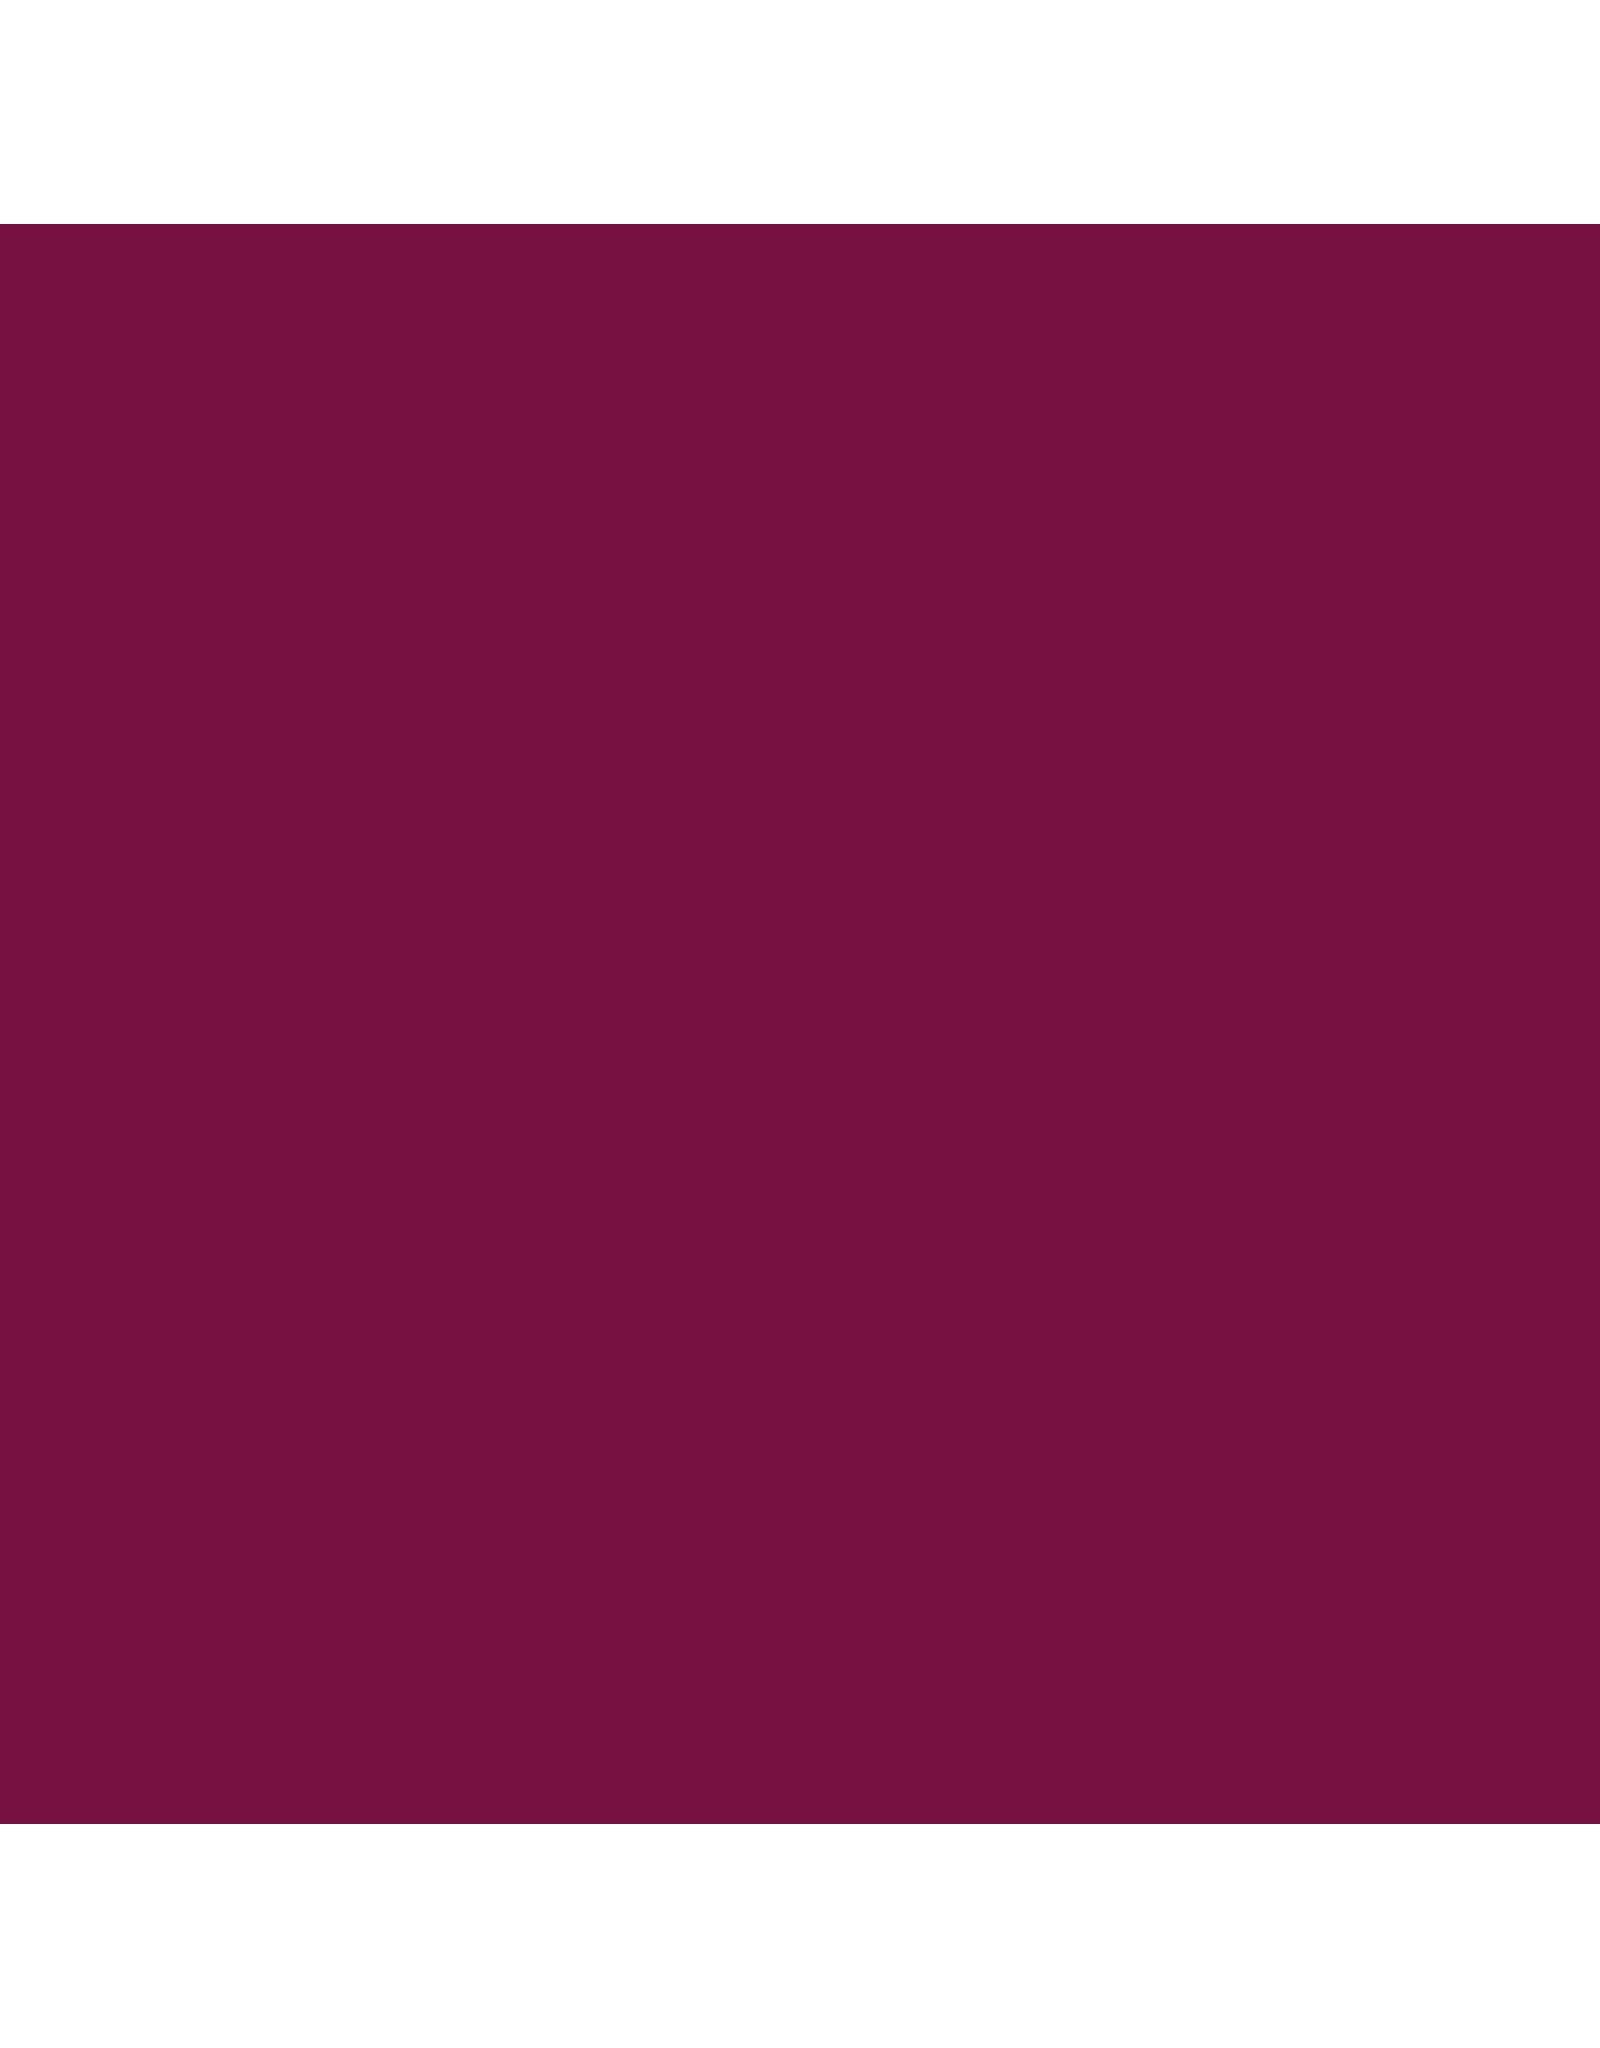 Andover Fabrics Century Solids, Mulberry, Fabric Half-Yards